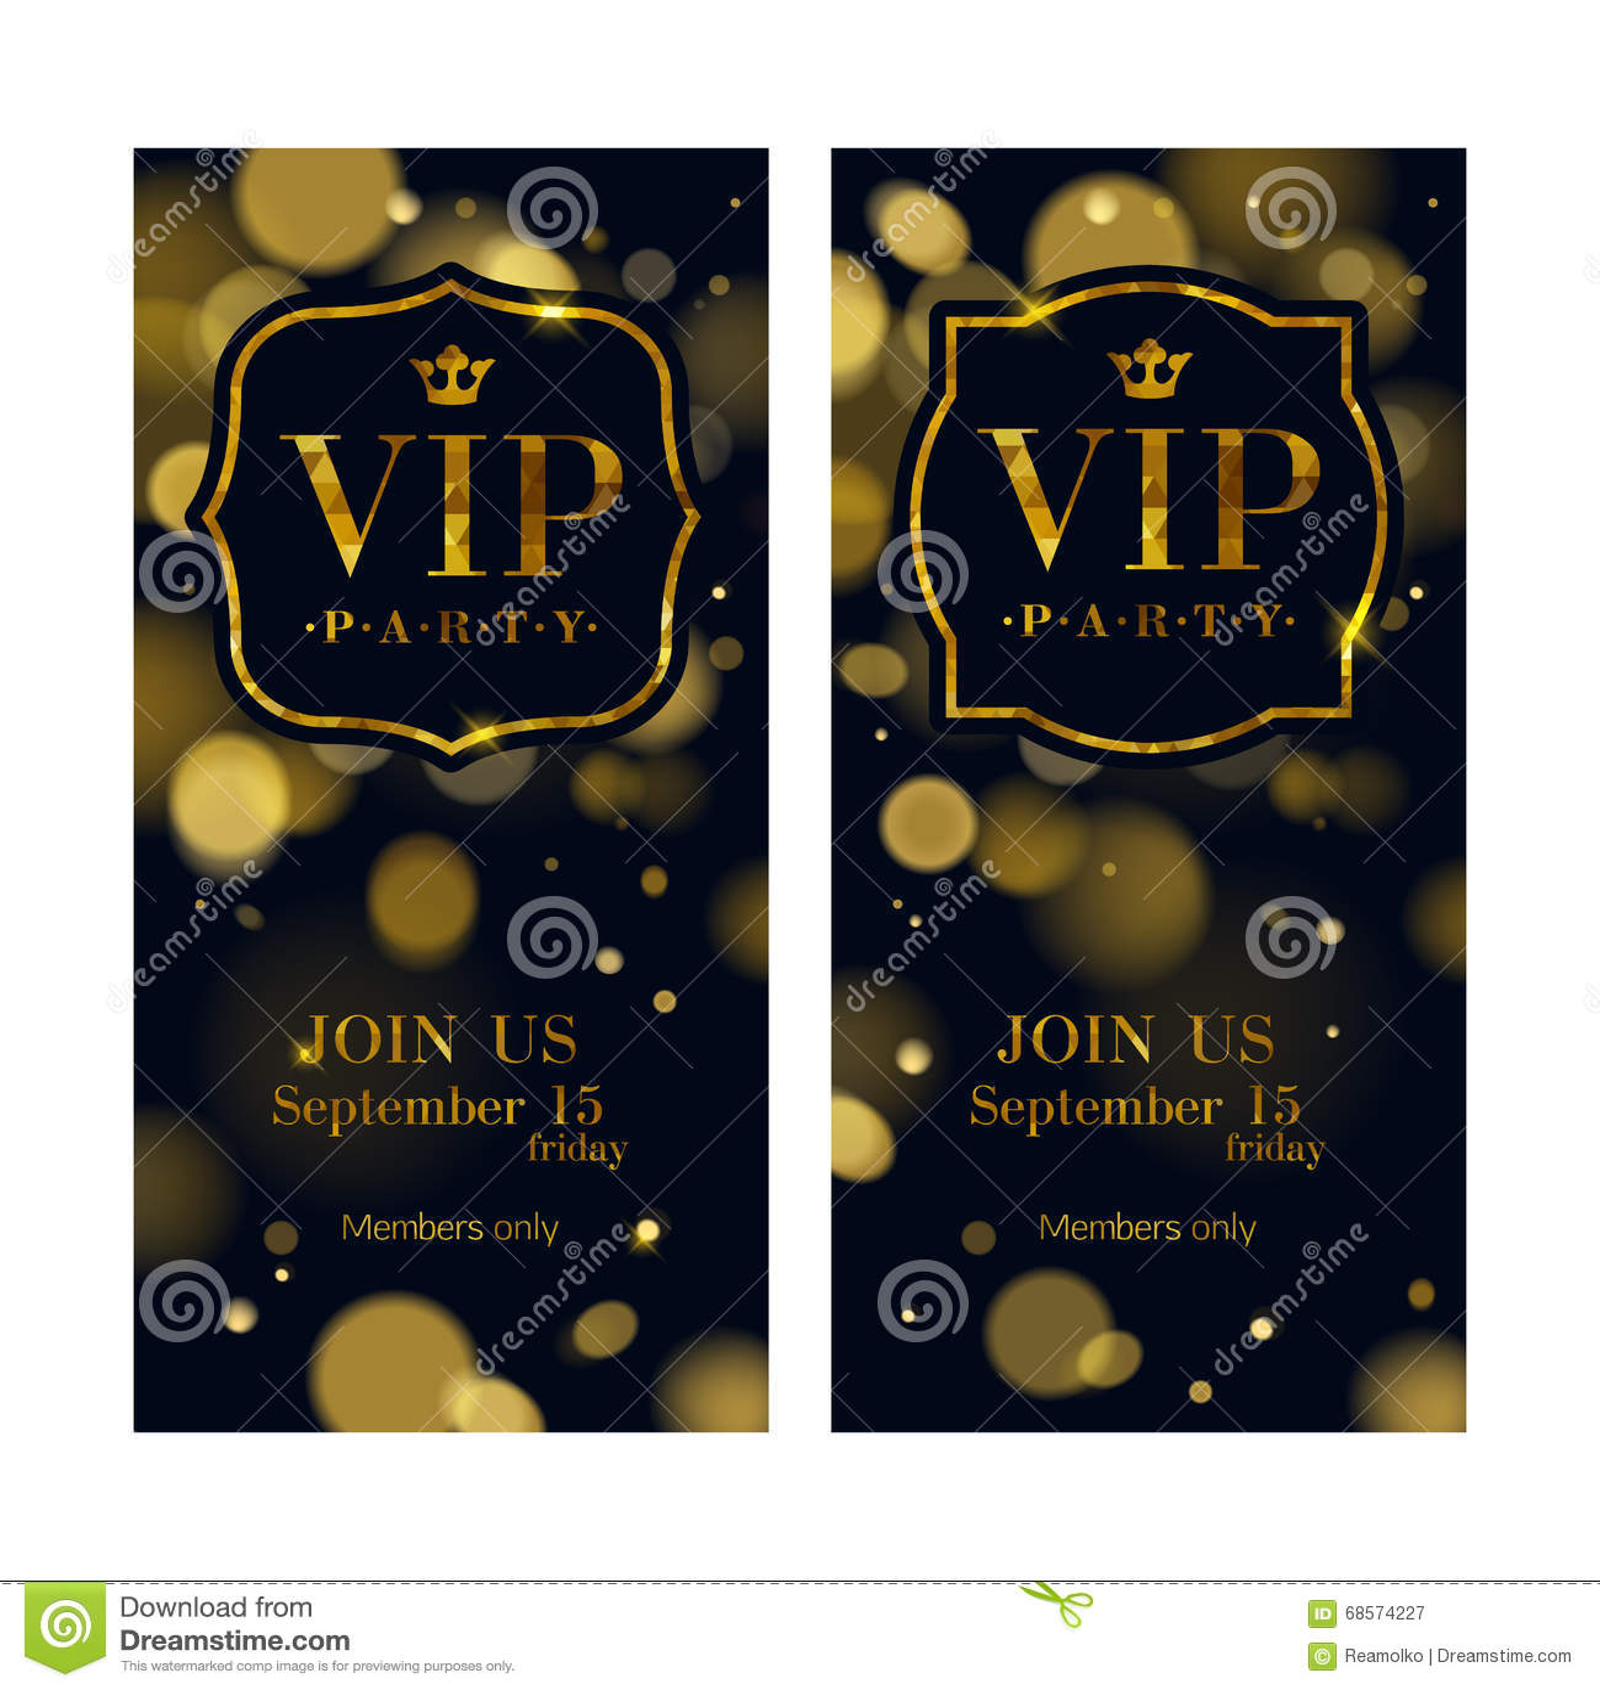 La invitación del VIP carda la plantilla superior del diseño